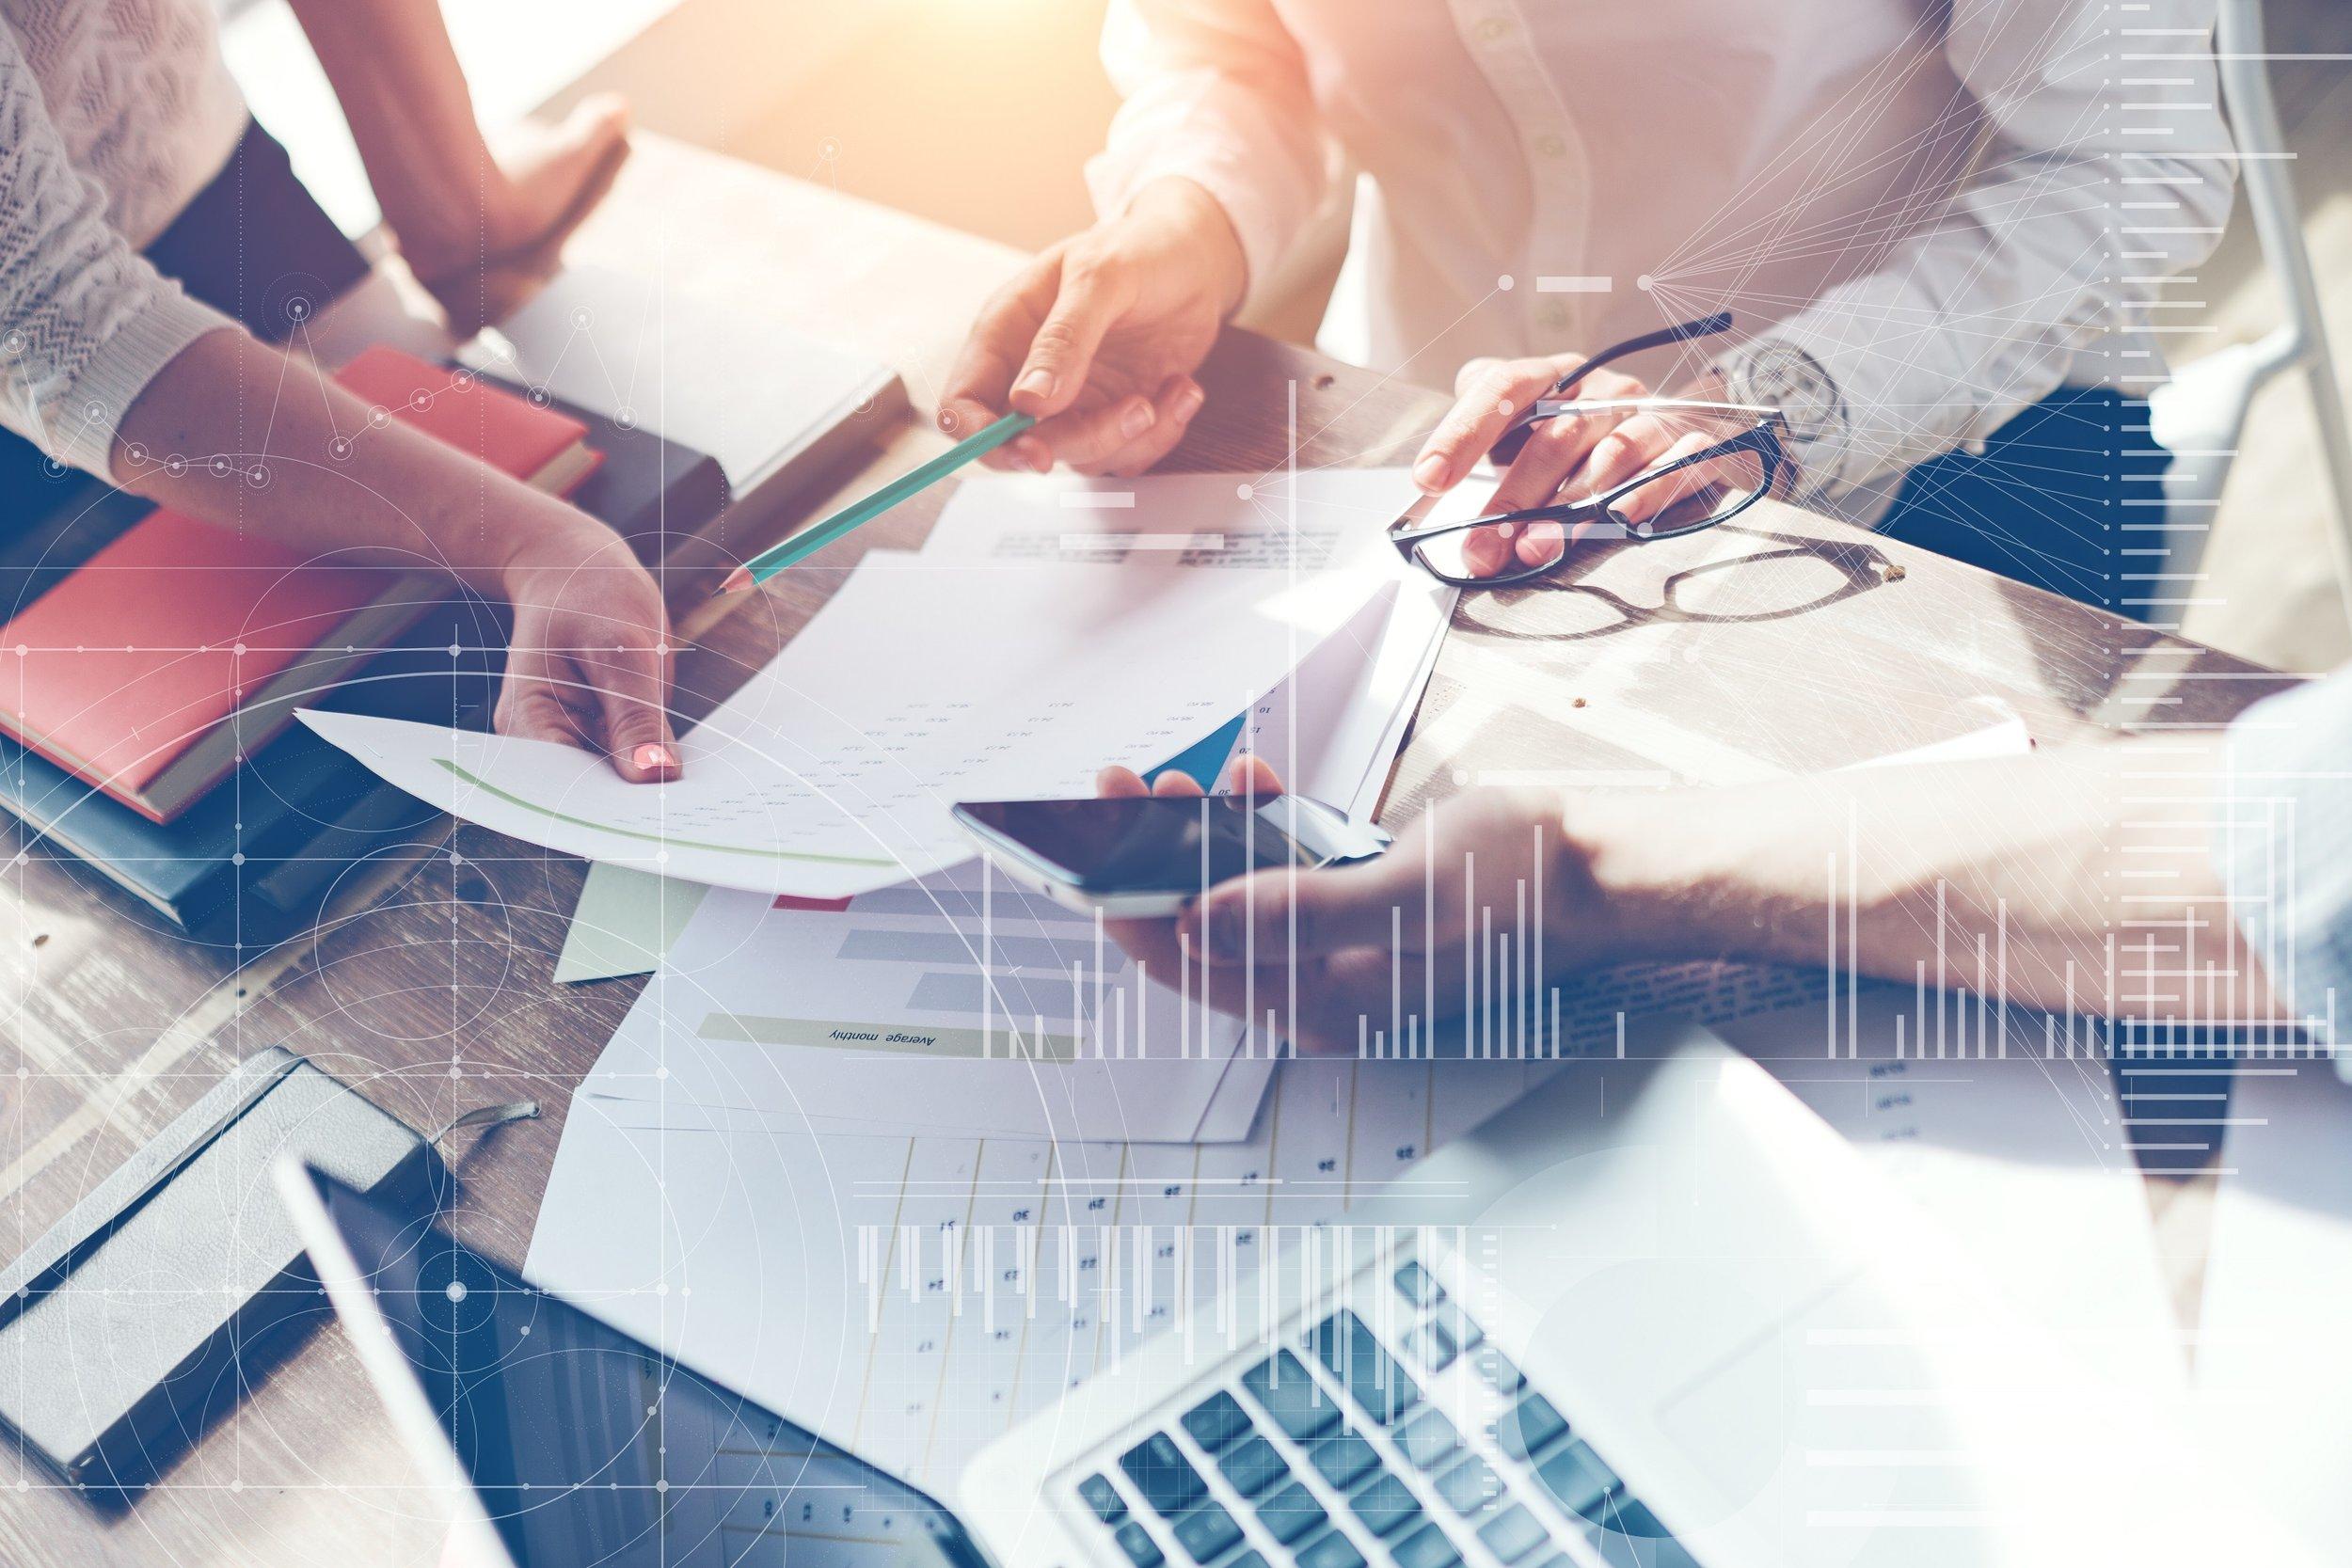 bigstock-Business-Team-Brainstorming-In-233877244.jpg